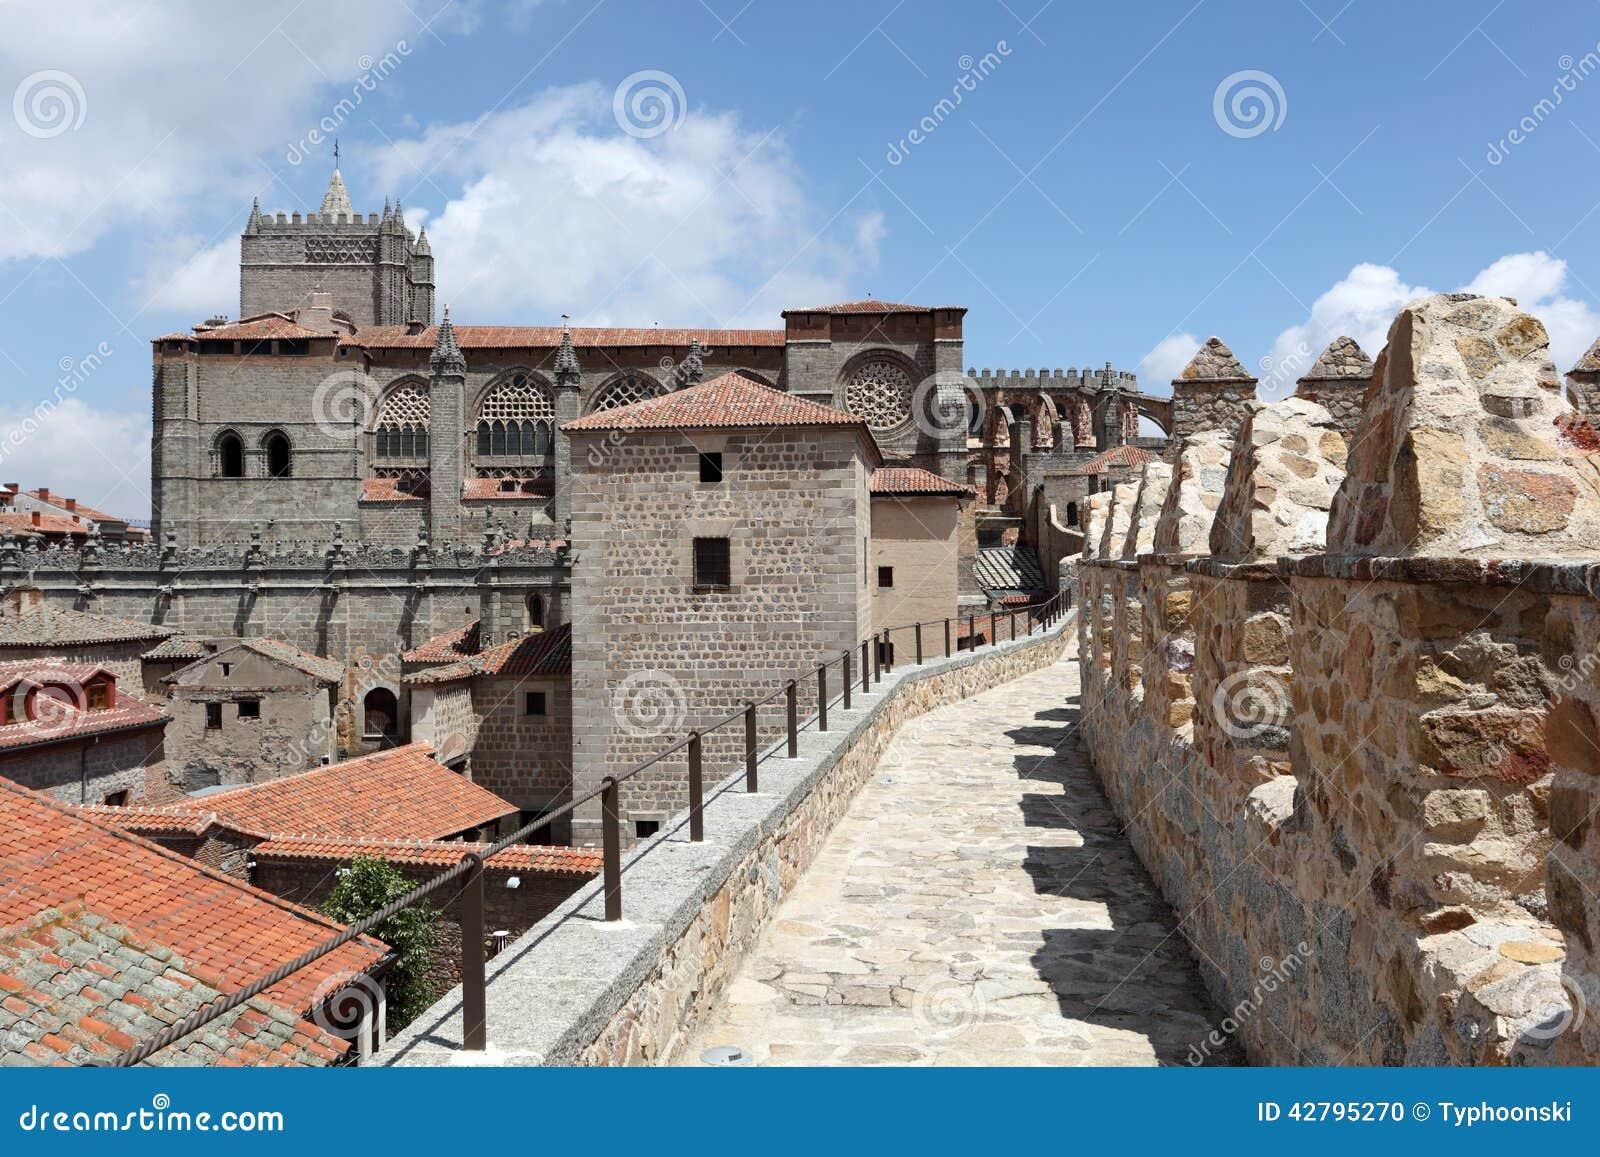 Paredes Medievais Da Cidade De Avila, Espanha Foto de